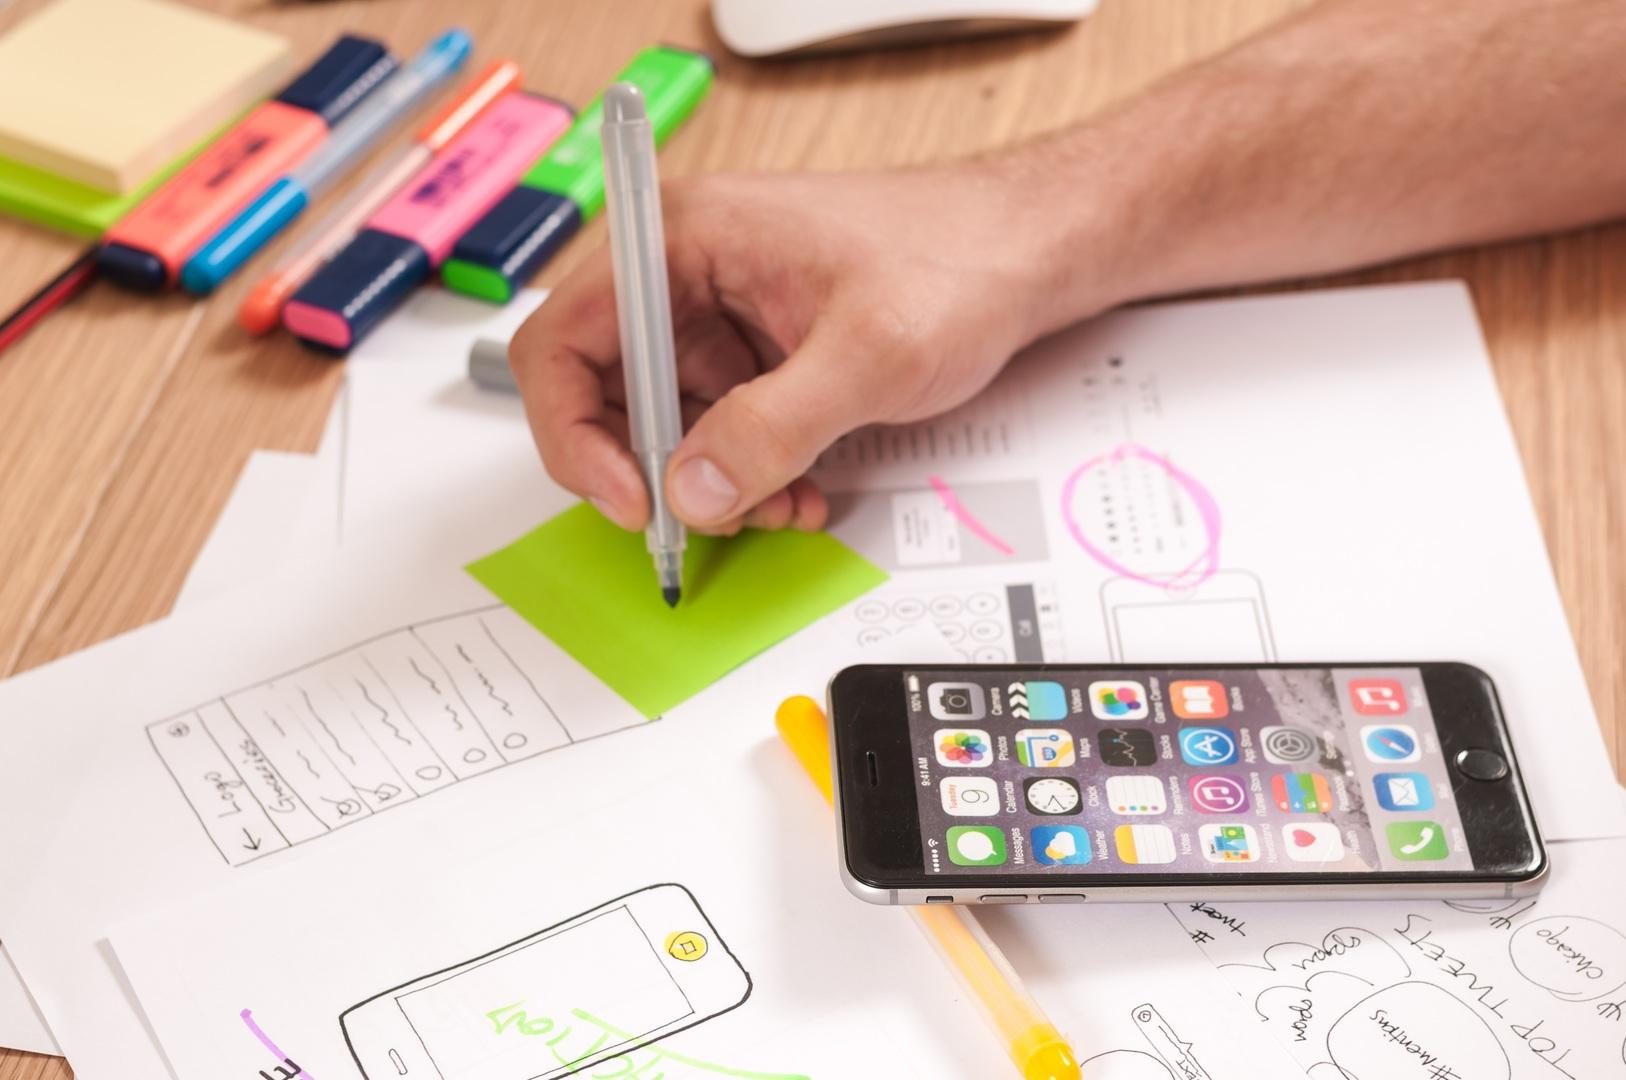 Mobile App Development in Lebanon | Mobile Application Development